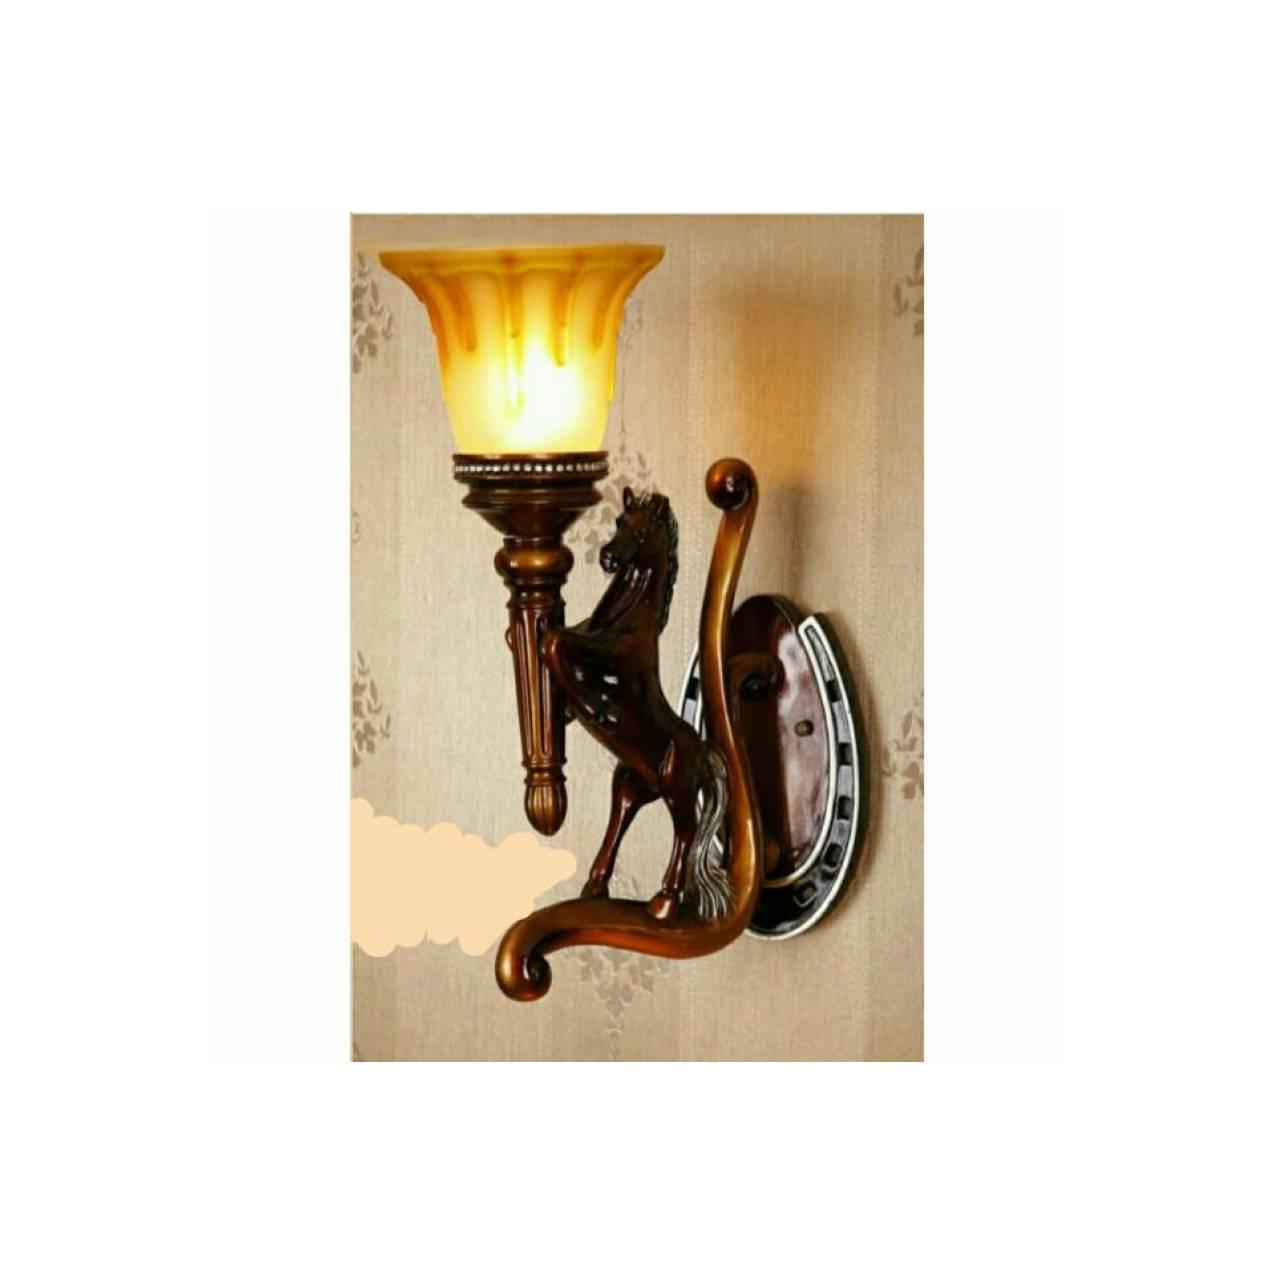 lampu hias tembok dinding classic model kuda design bagus antik